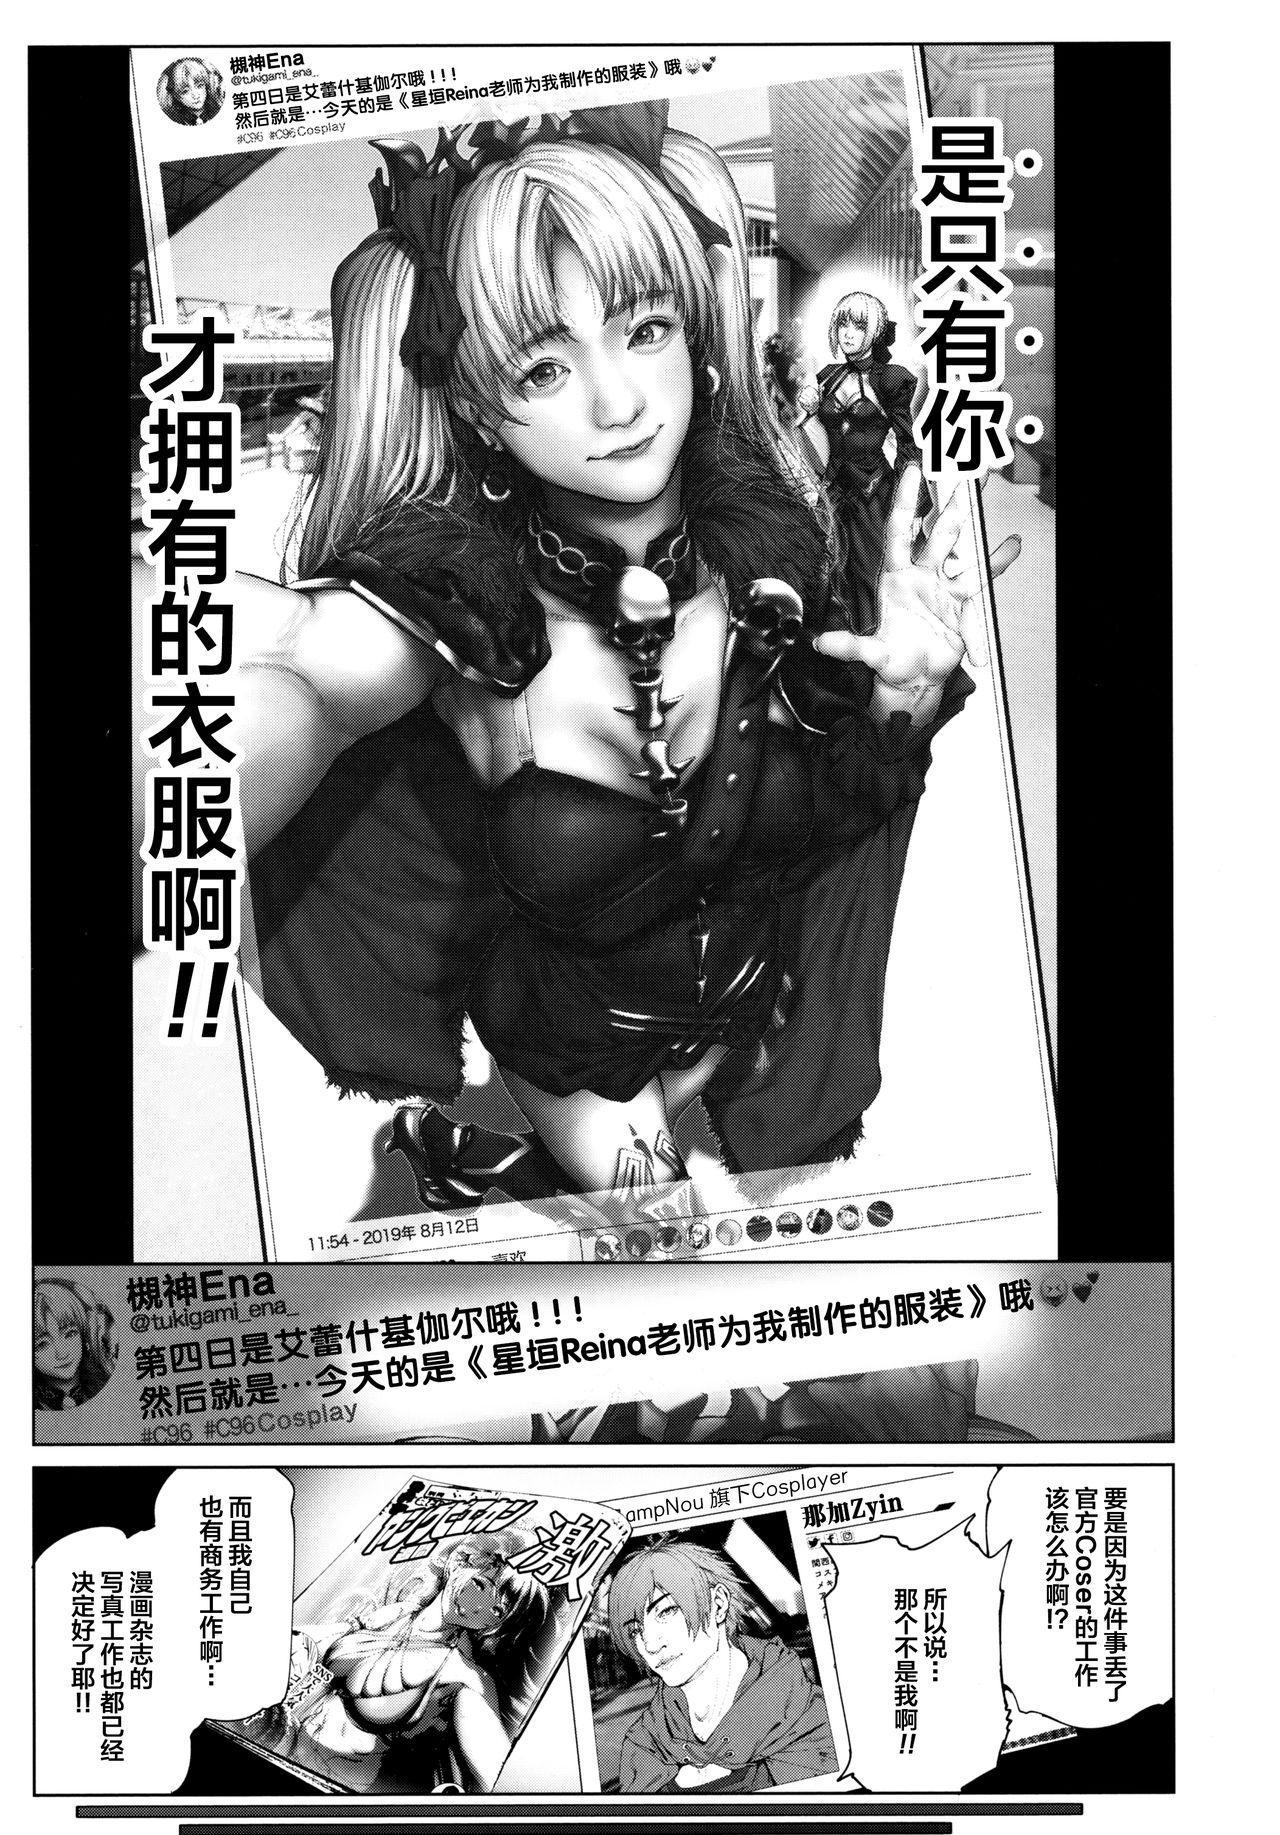 Cos wa Midara na Kamen Ninki Ikemen Layer no SeFri Ken Ishou Seisaku Tantou no Zoukei Layer wa Honmei Kanojo no Yume o Miru ka 29